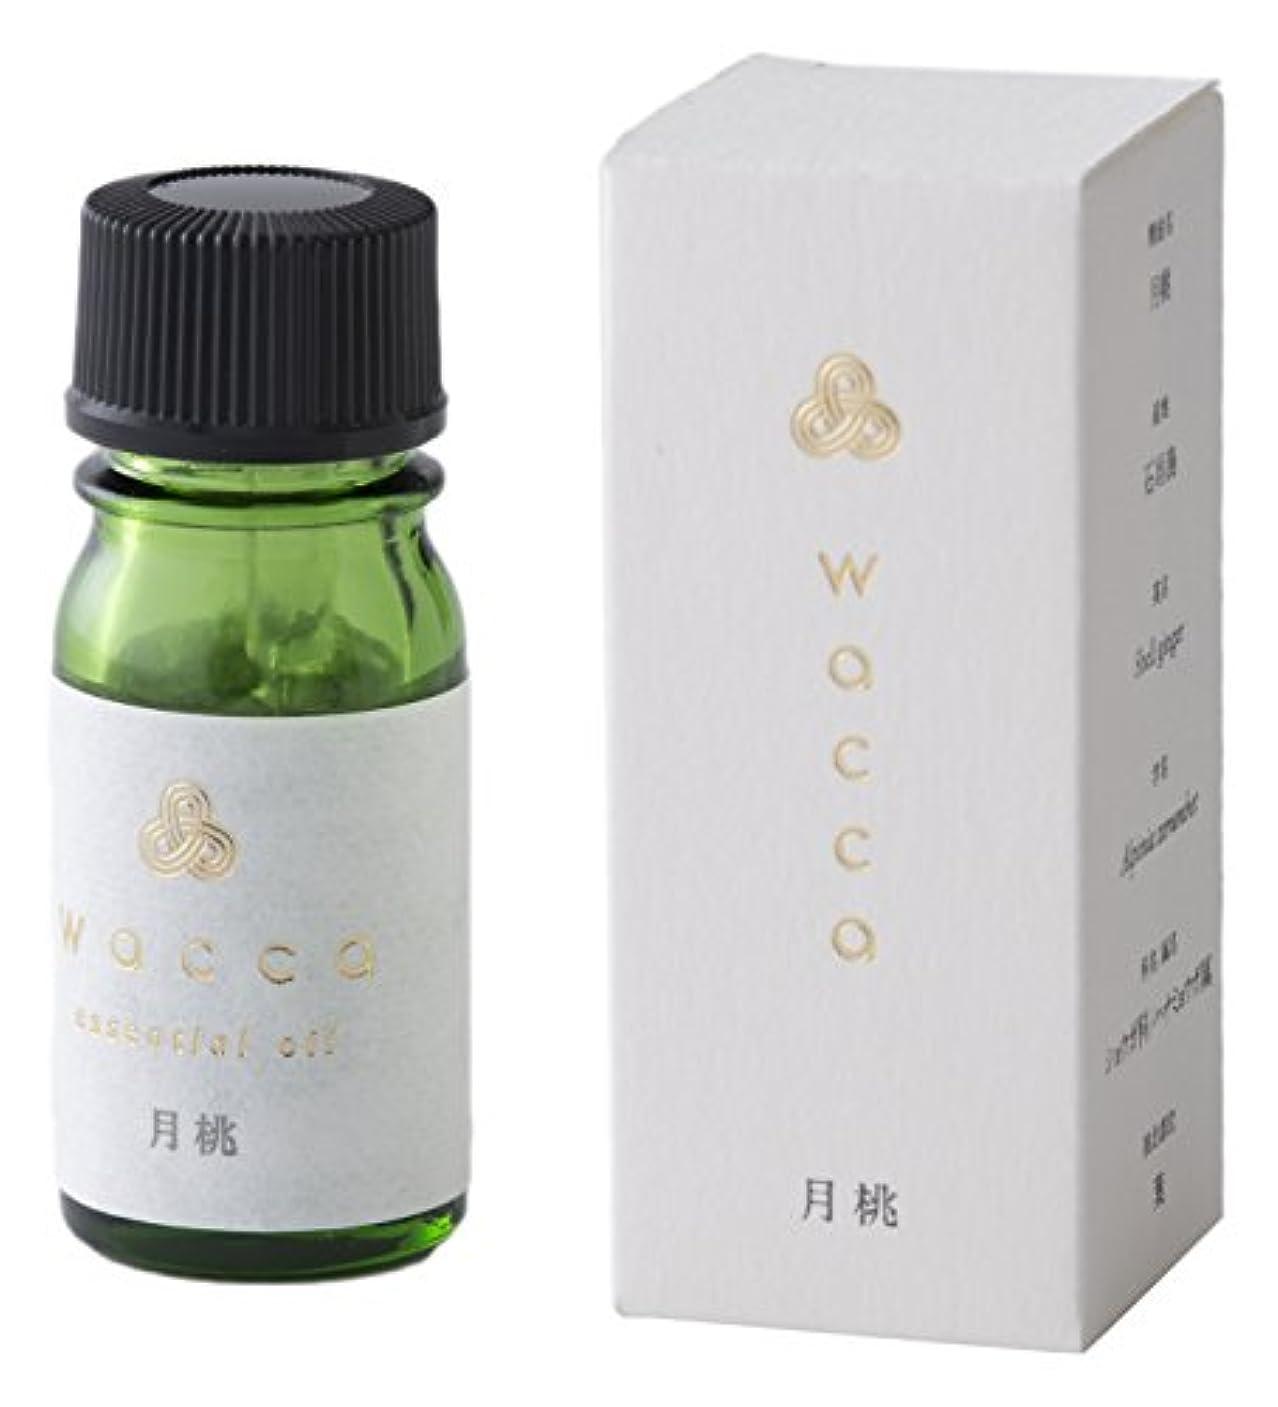 ネイティブ植物学者月wacca ワッカ エッセンシャルオイル 3ml 月桃 ゲットウ Shell ginger essential oil 和精油 KUSU HANDMADE